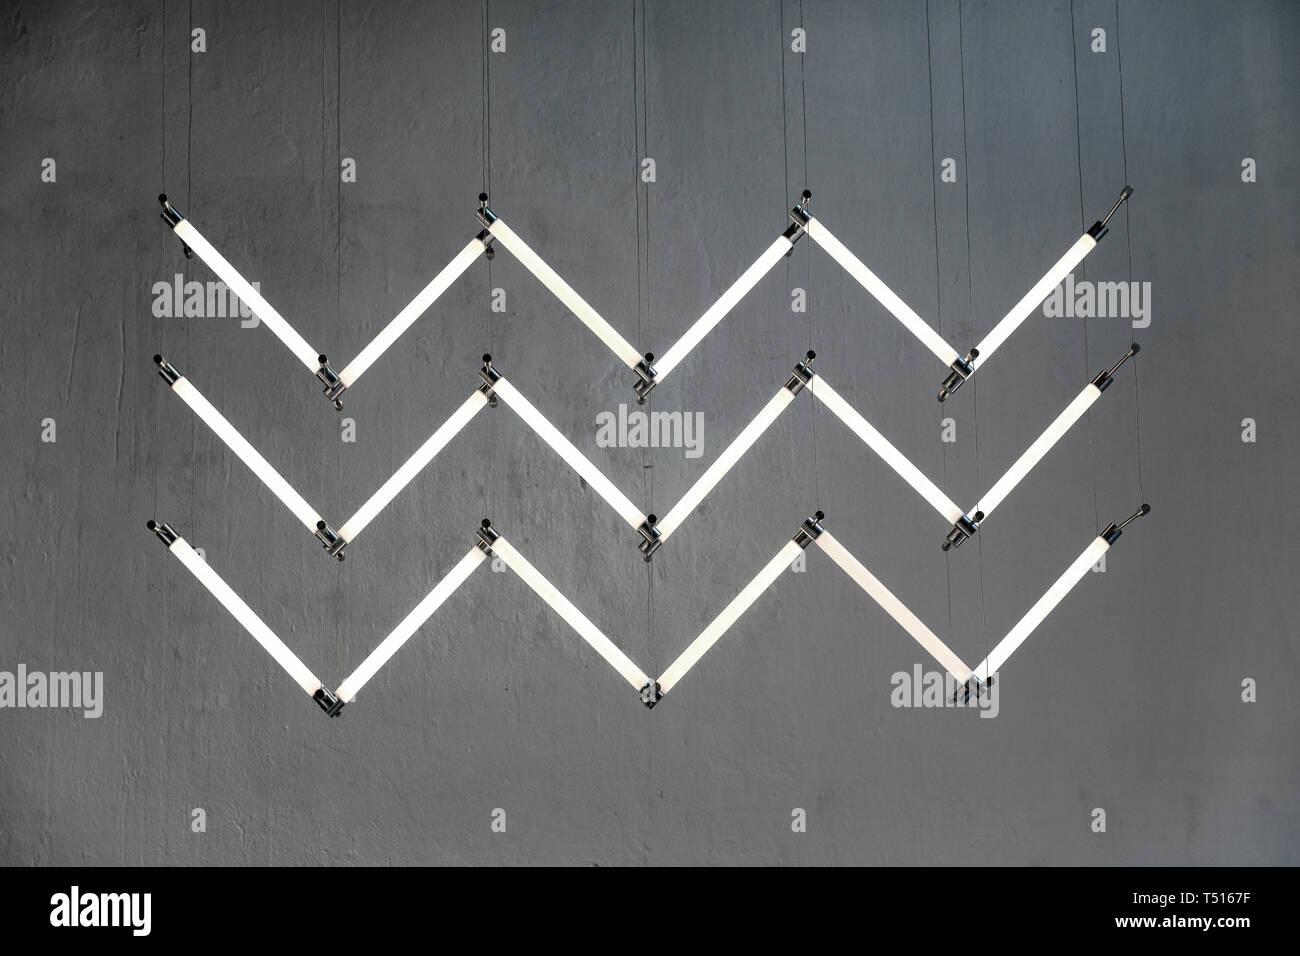 La conception moderne de l'éclairage au néon en zigzaguant solution avec lampes blanc brillant accroché sur les fils minces contre mur gris Photo Stock